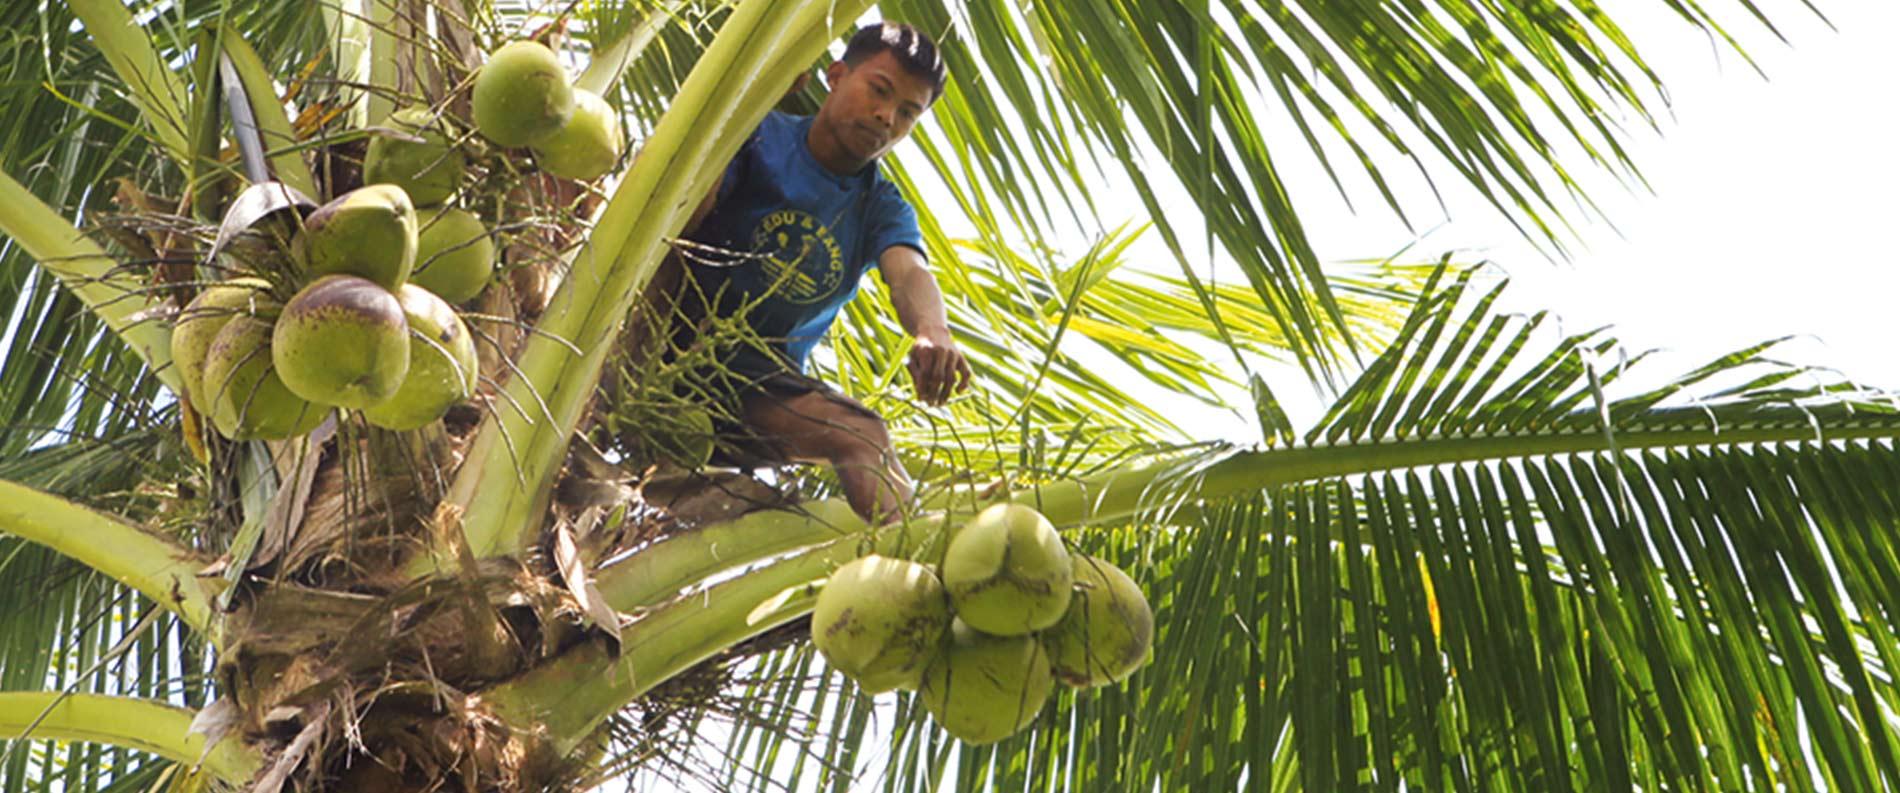 Kokosnussanbau und Kokosnussernte in luftiger Höhe